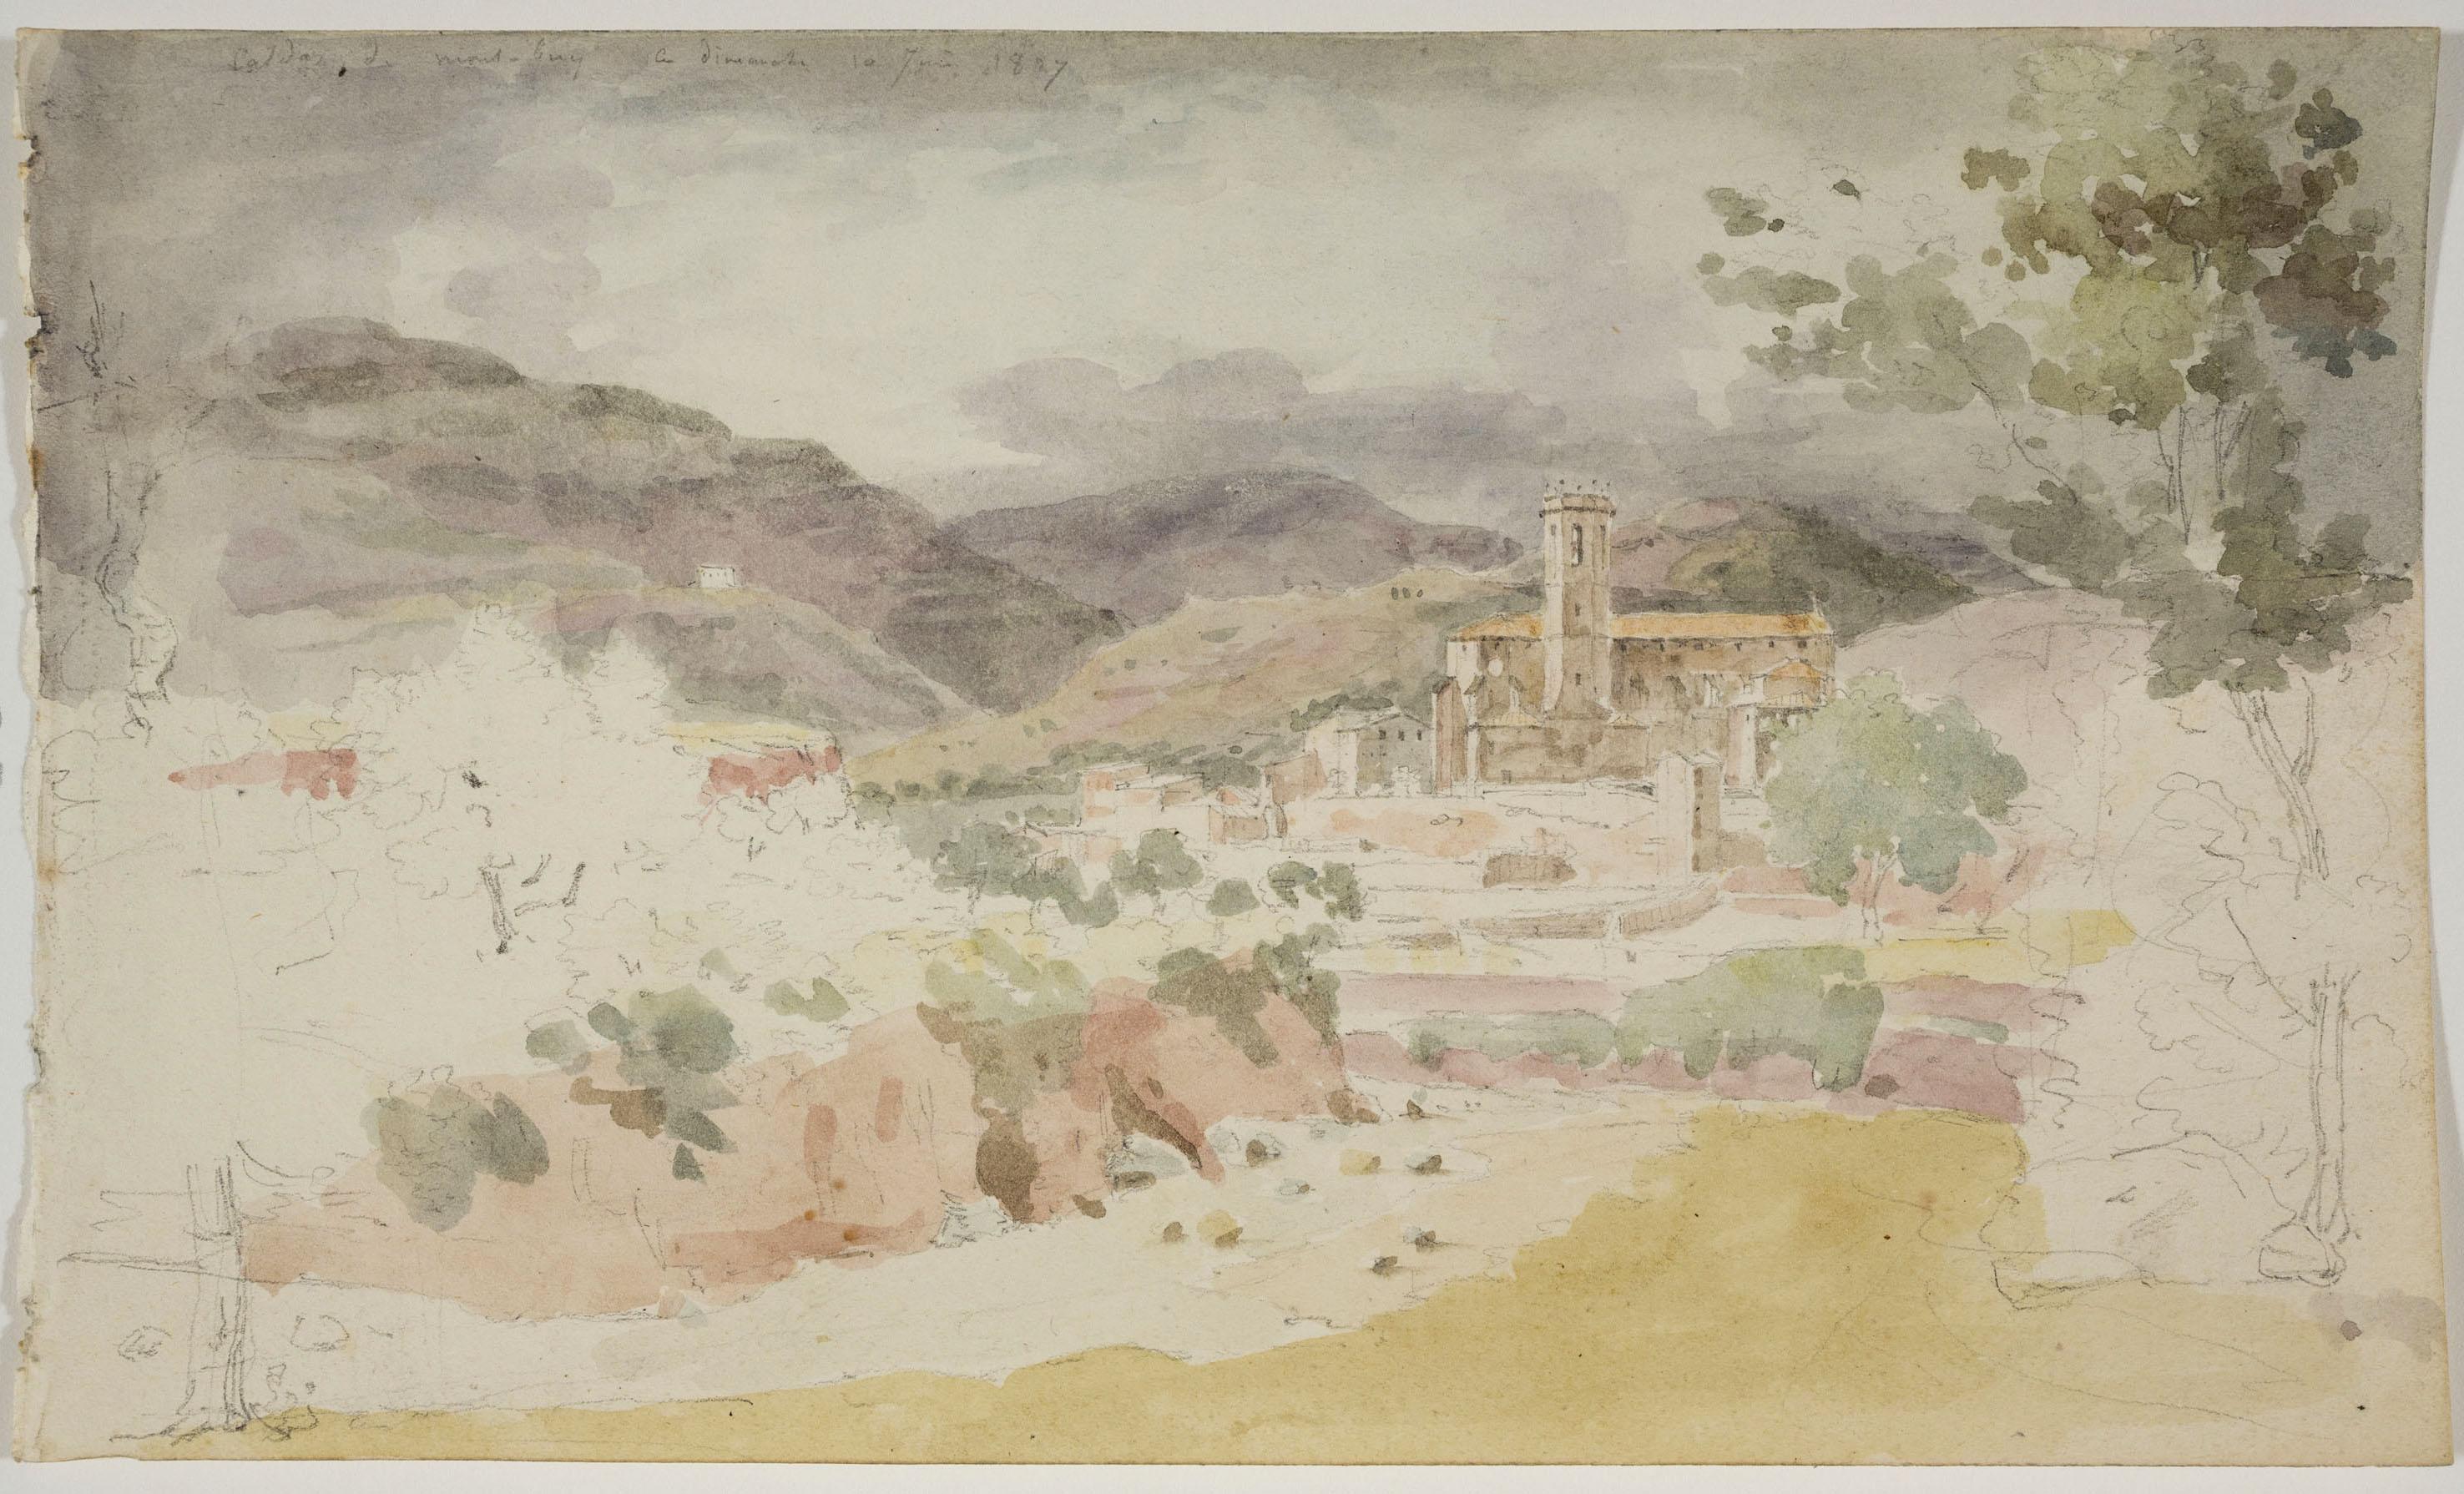 Adolphe Hedwige Alphonse Delamare - Vista de Caldes de Montbui (anvers) / Croquis de figures (revers) - Diumenge 10 de juny de 1827